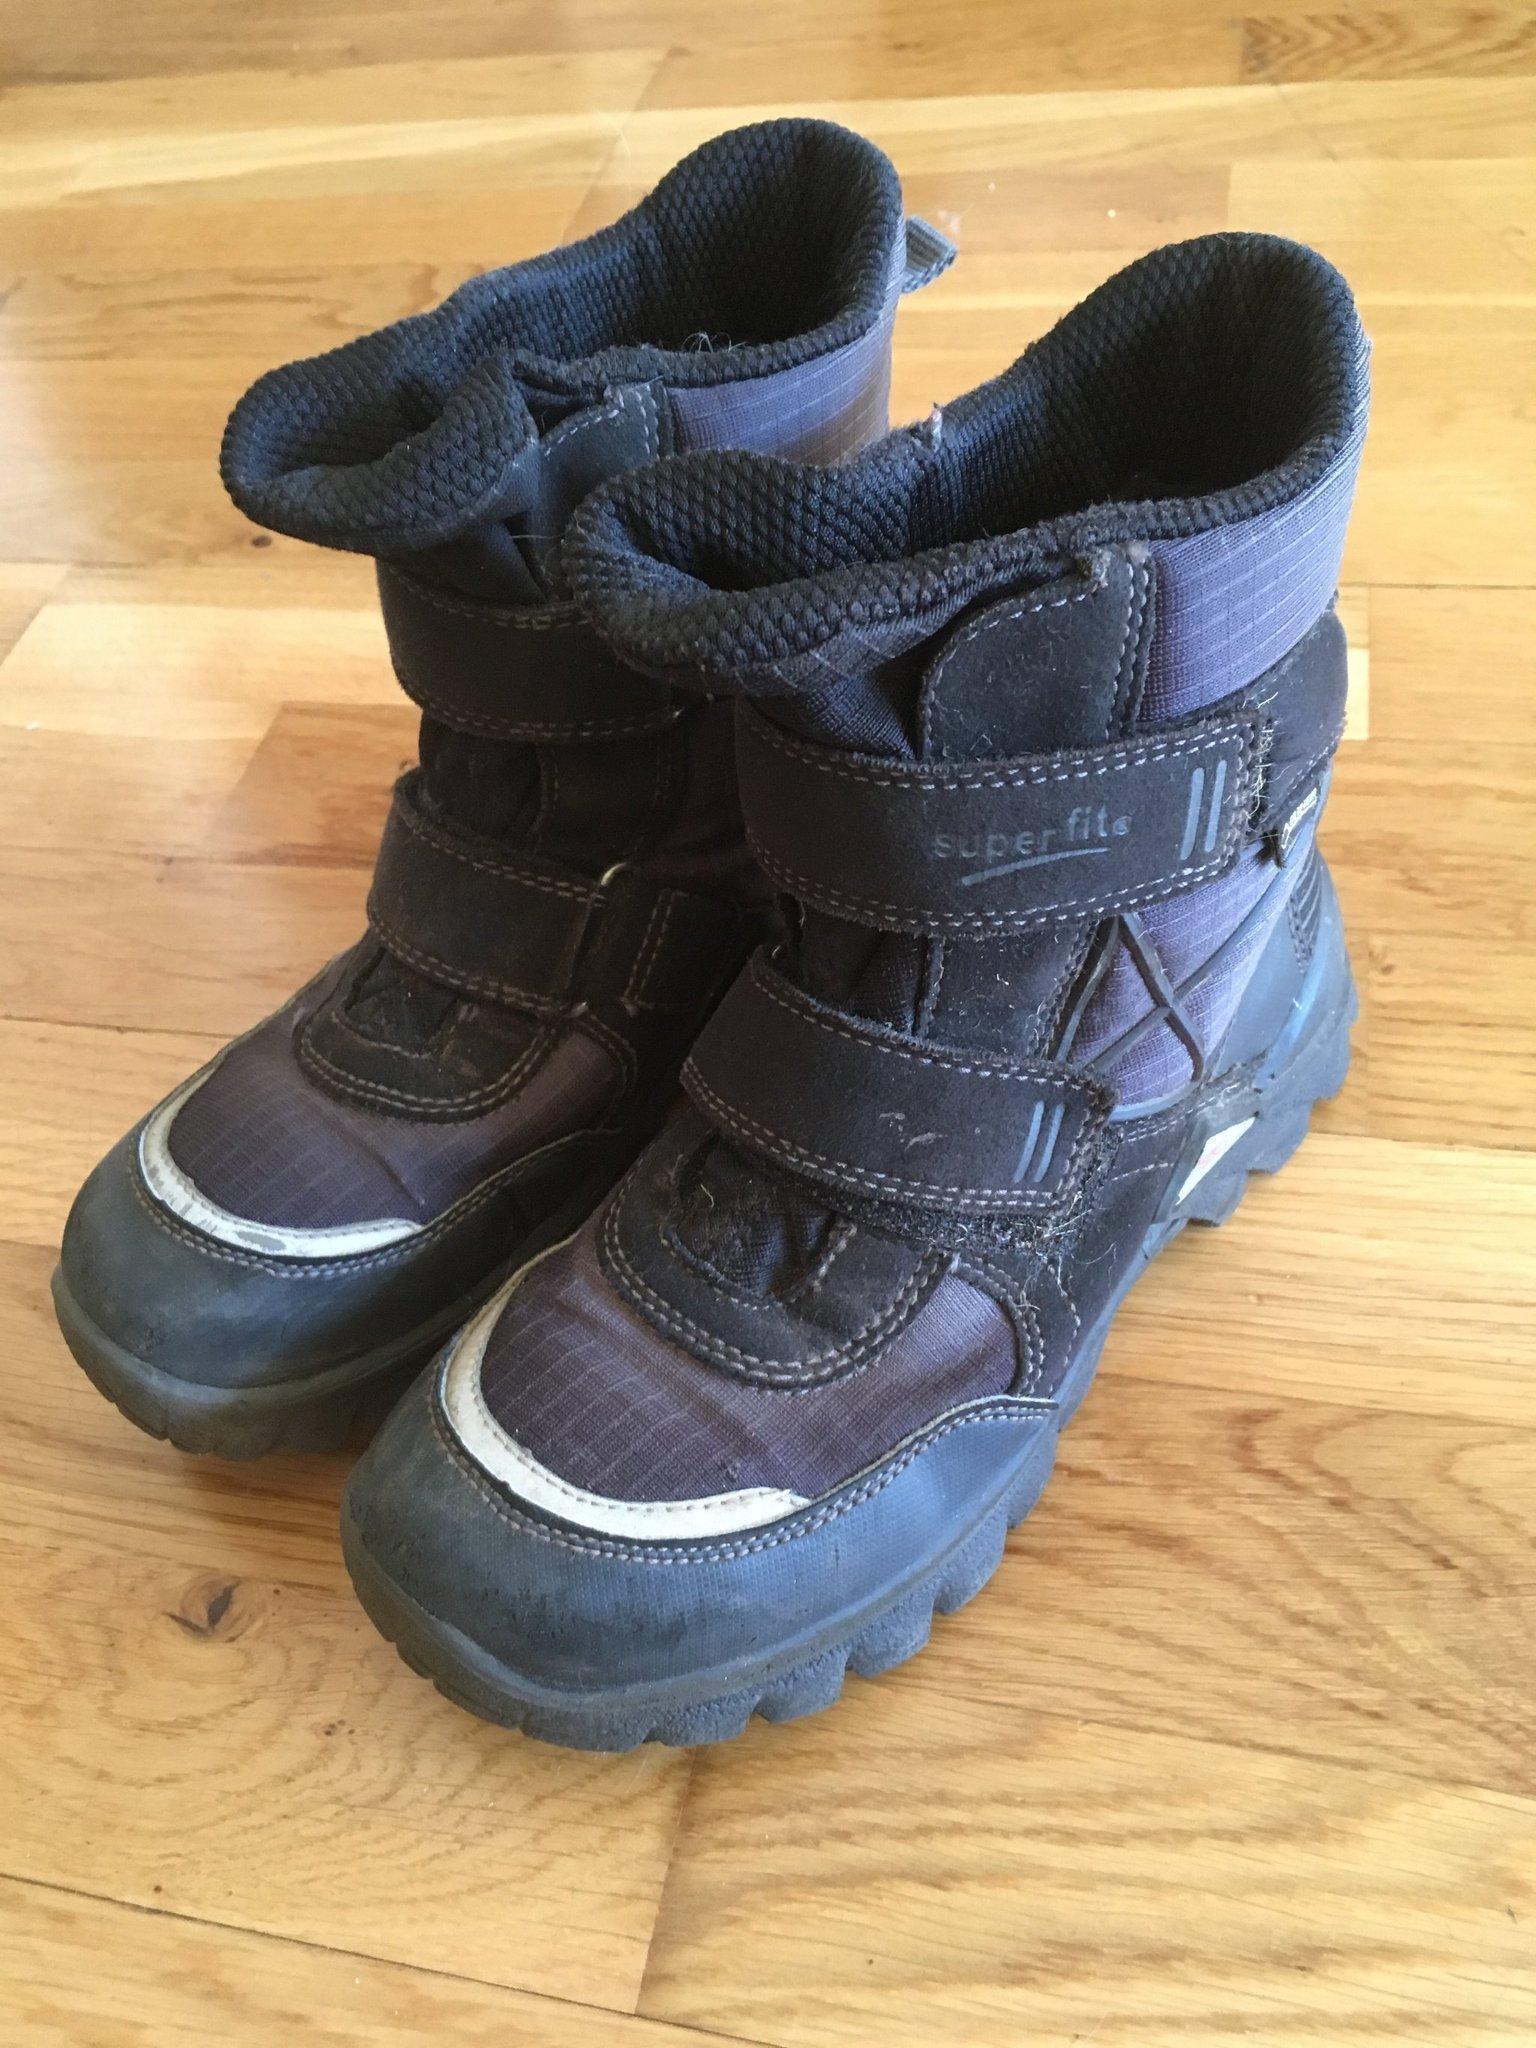 superfit kengät jälleenmyyjät